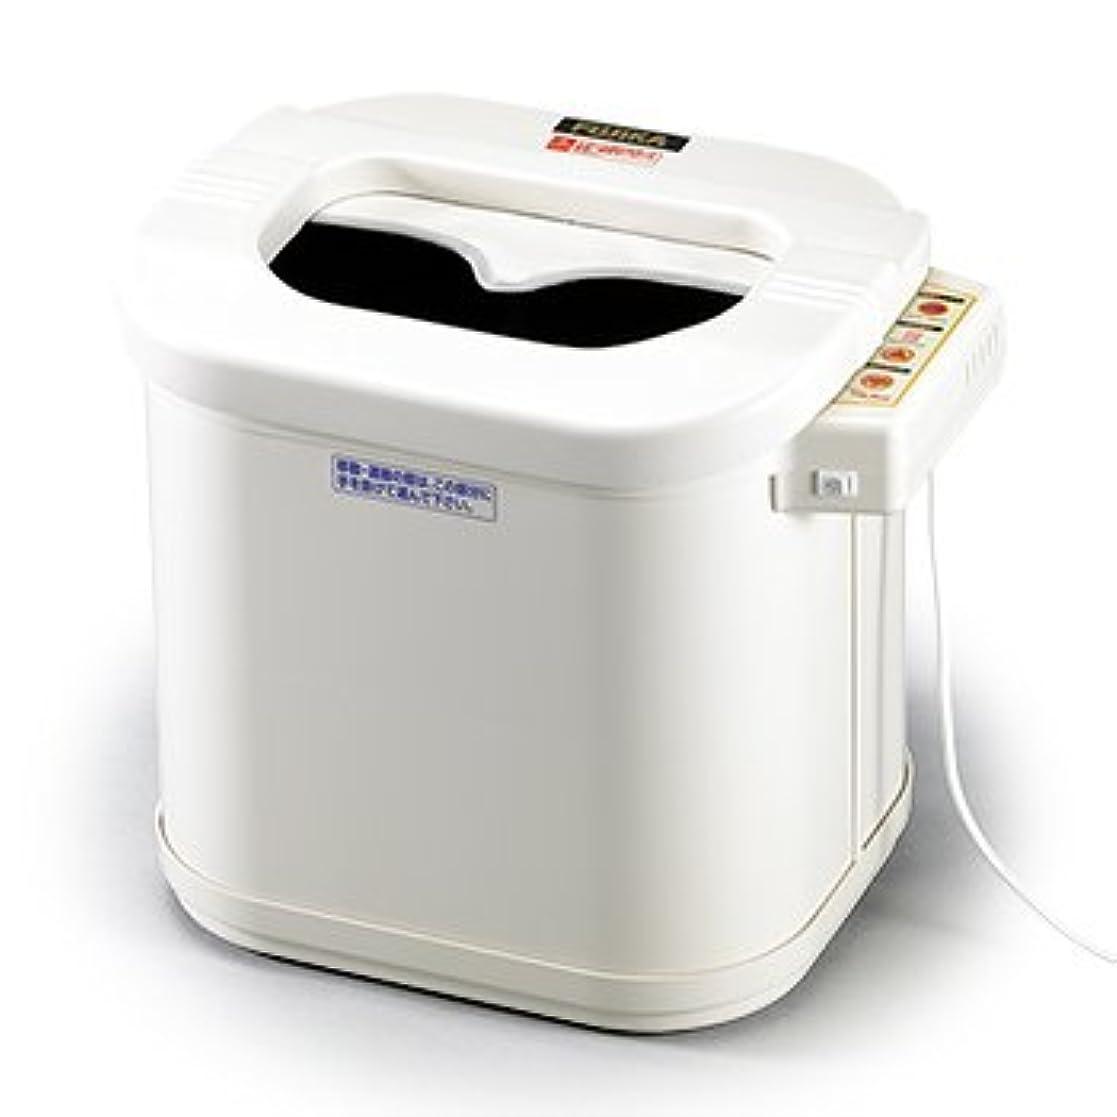 インフラ目指す巧みなフジカ スマーティ レッグホット LH-2型 遠赤外線 足温器 足浴器